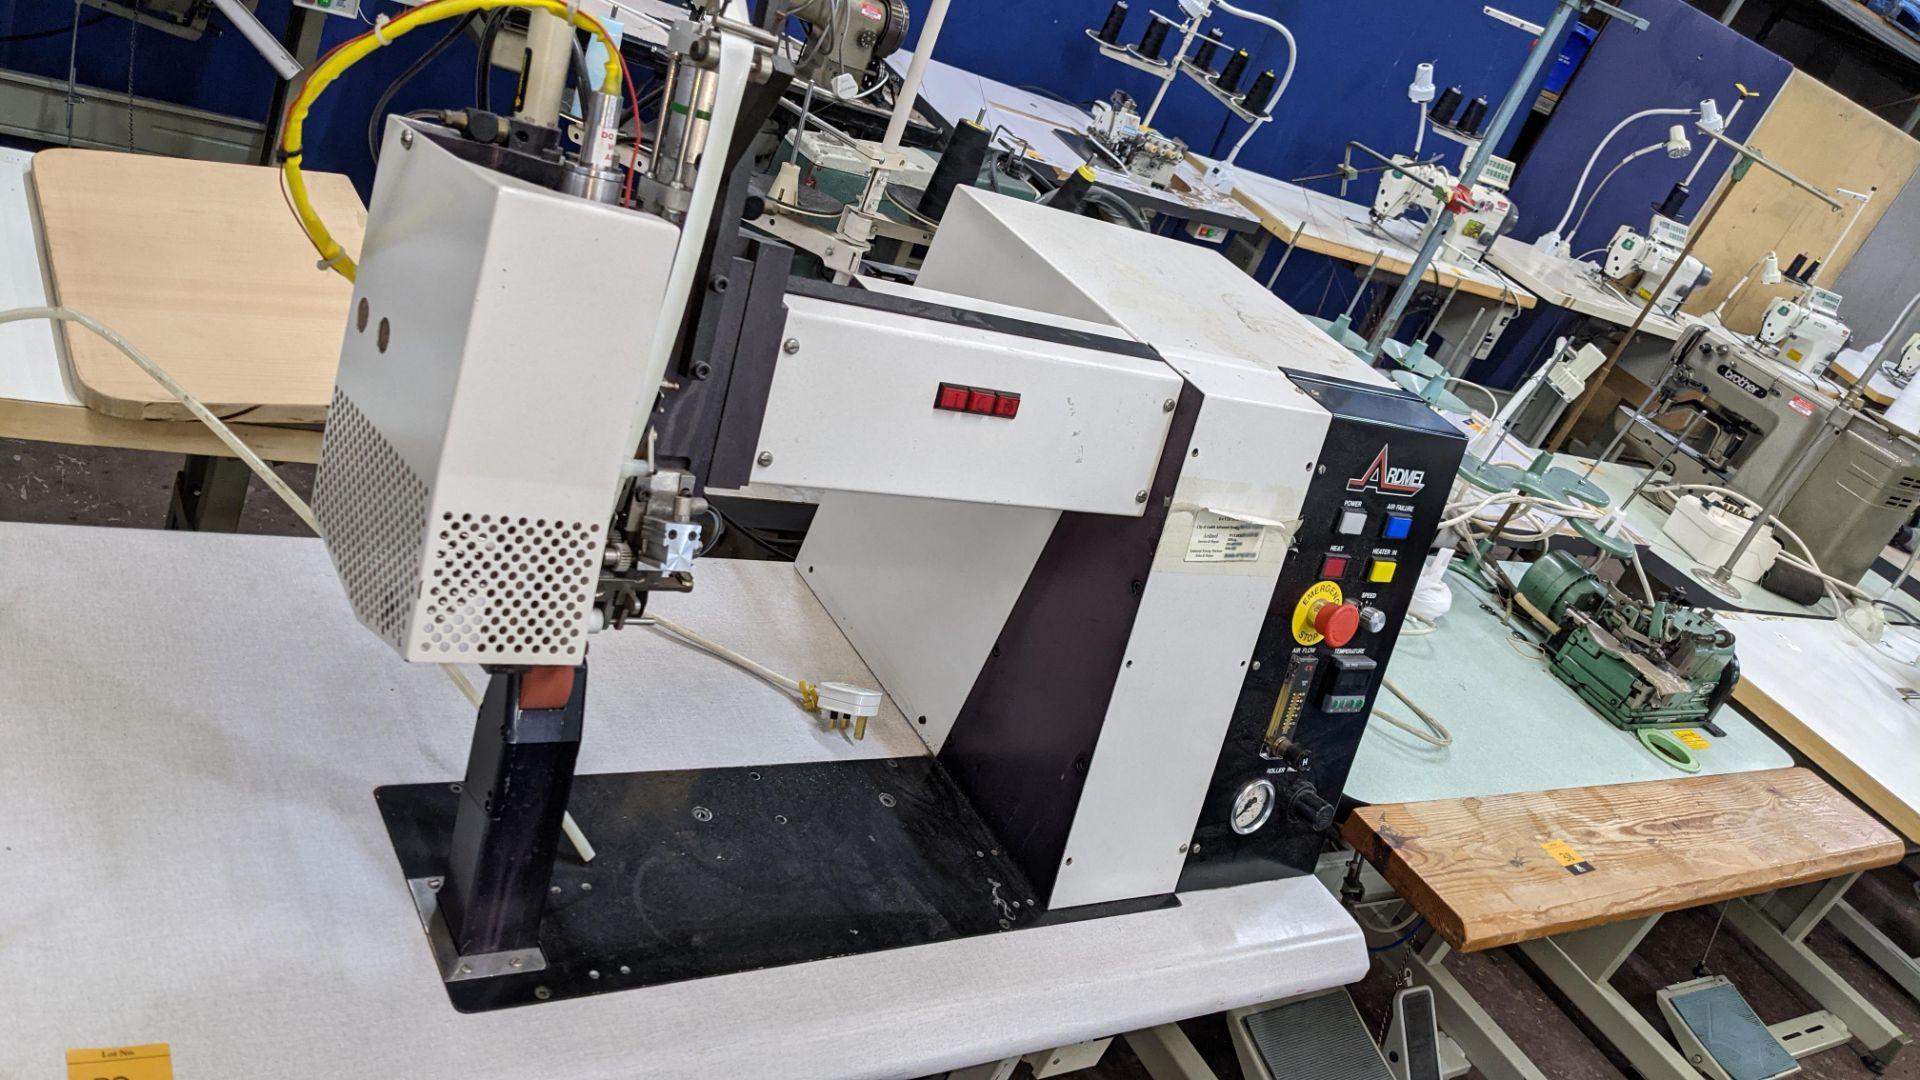 Ardmel seam sealing machine - Image 12 of 18